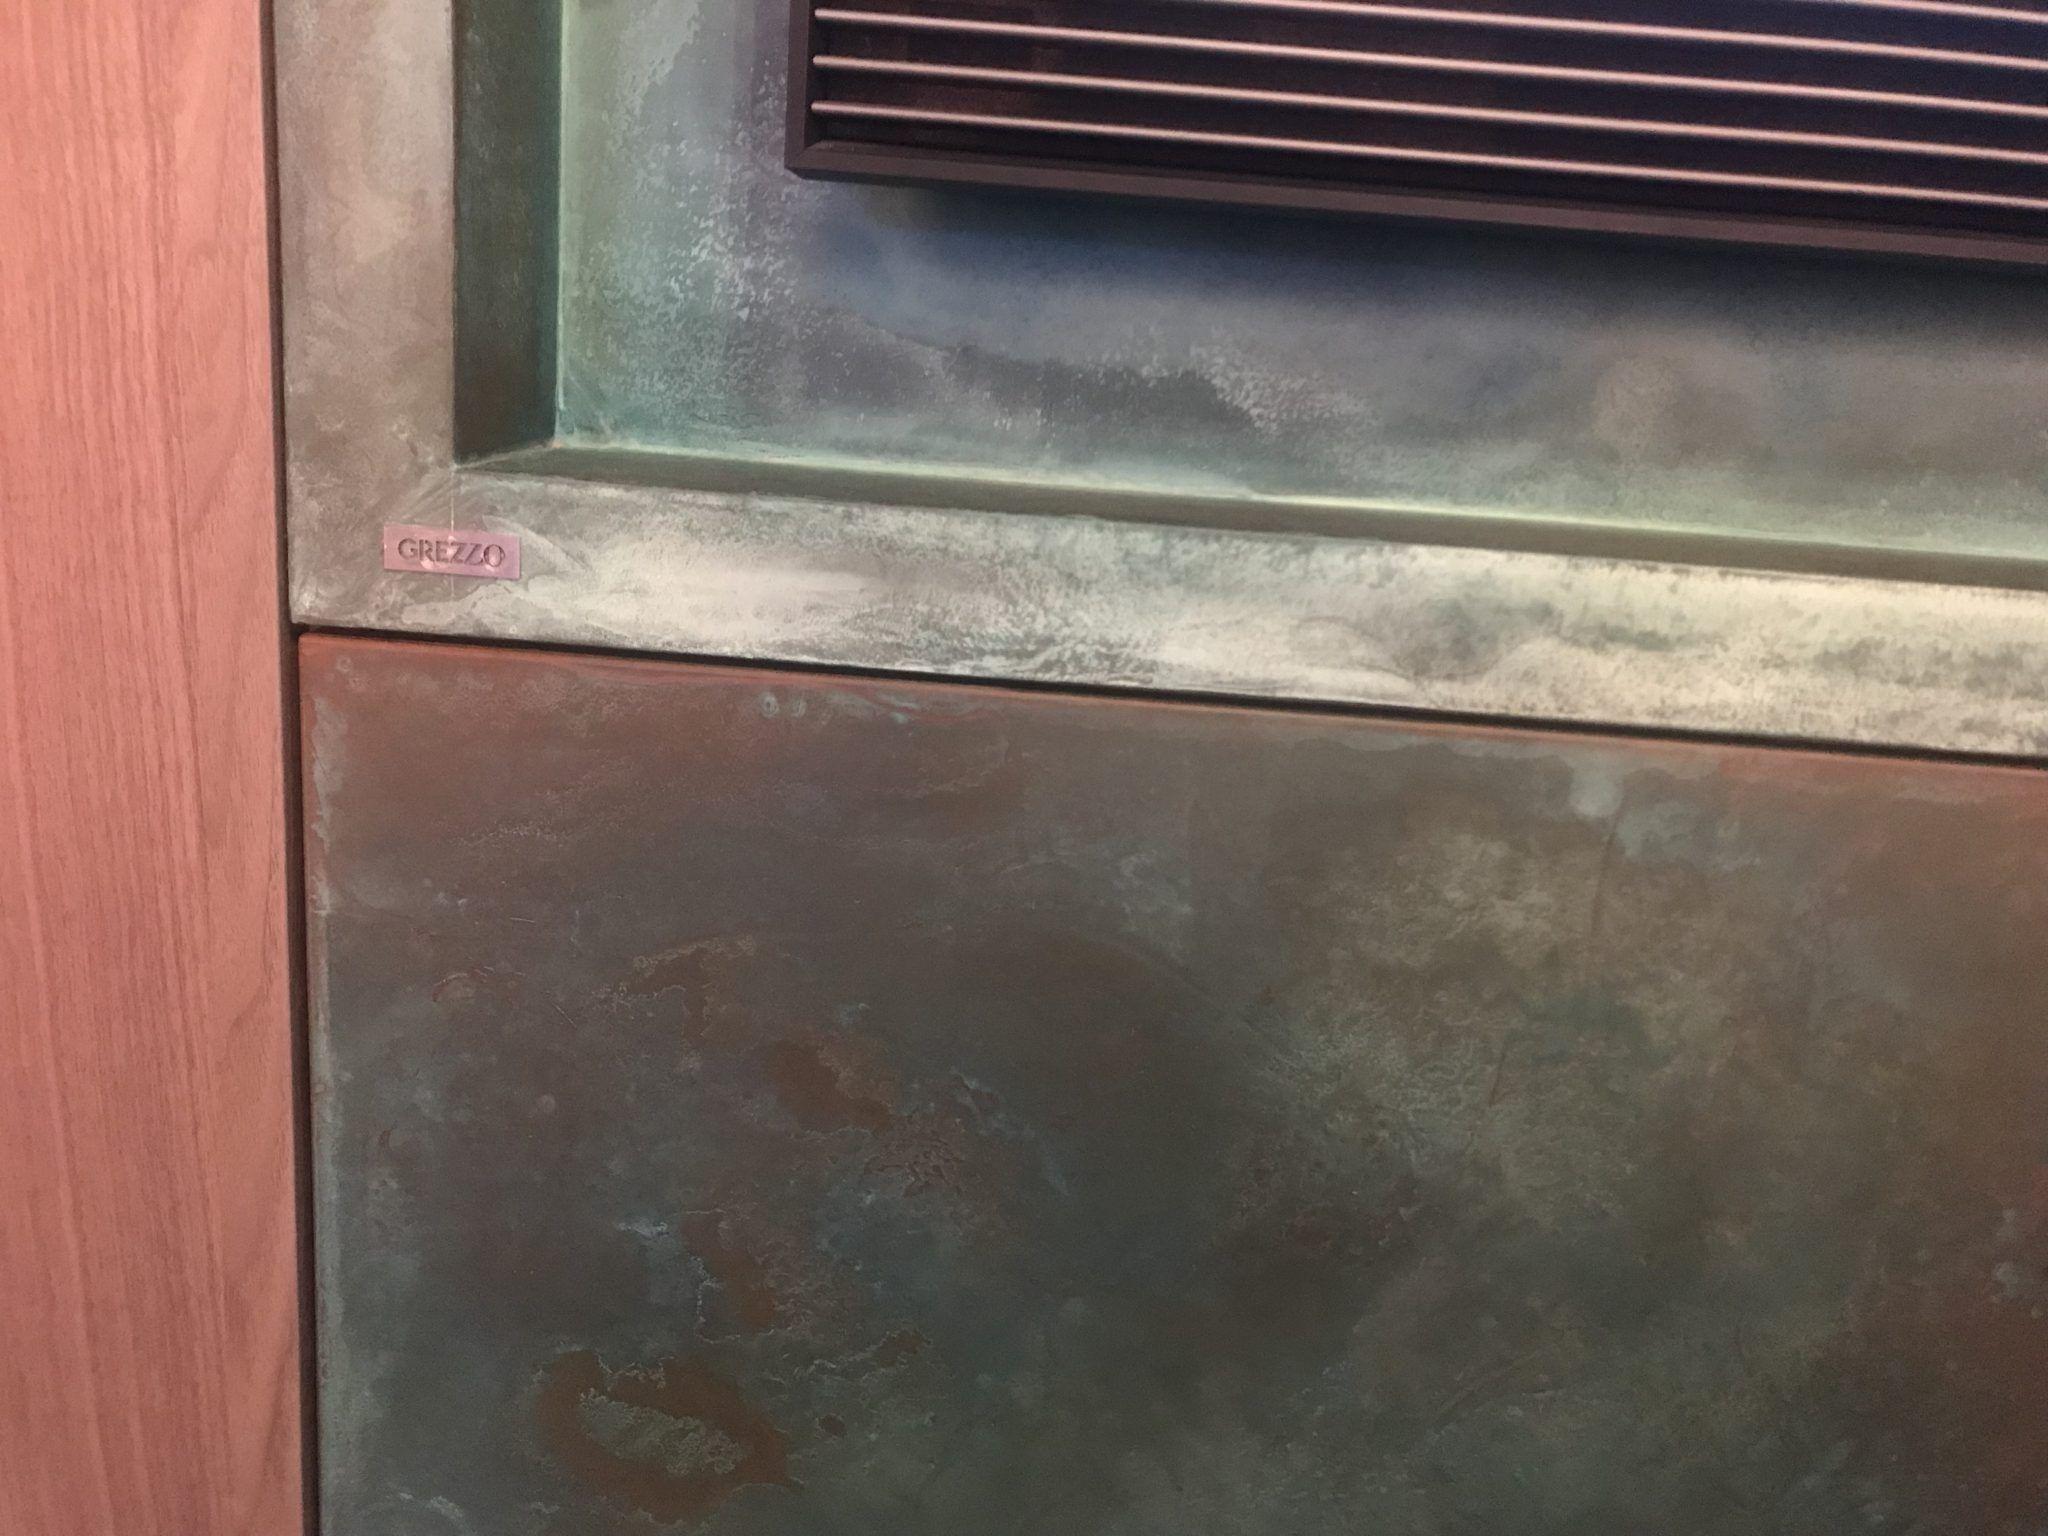 Interieur binnen koper grezzo exclusief maatwerk grezzo